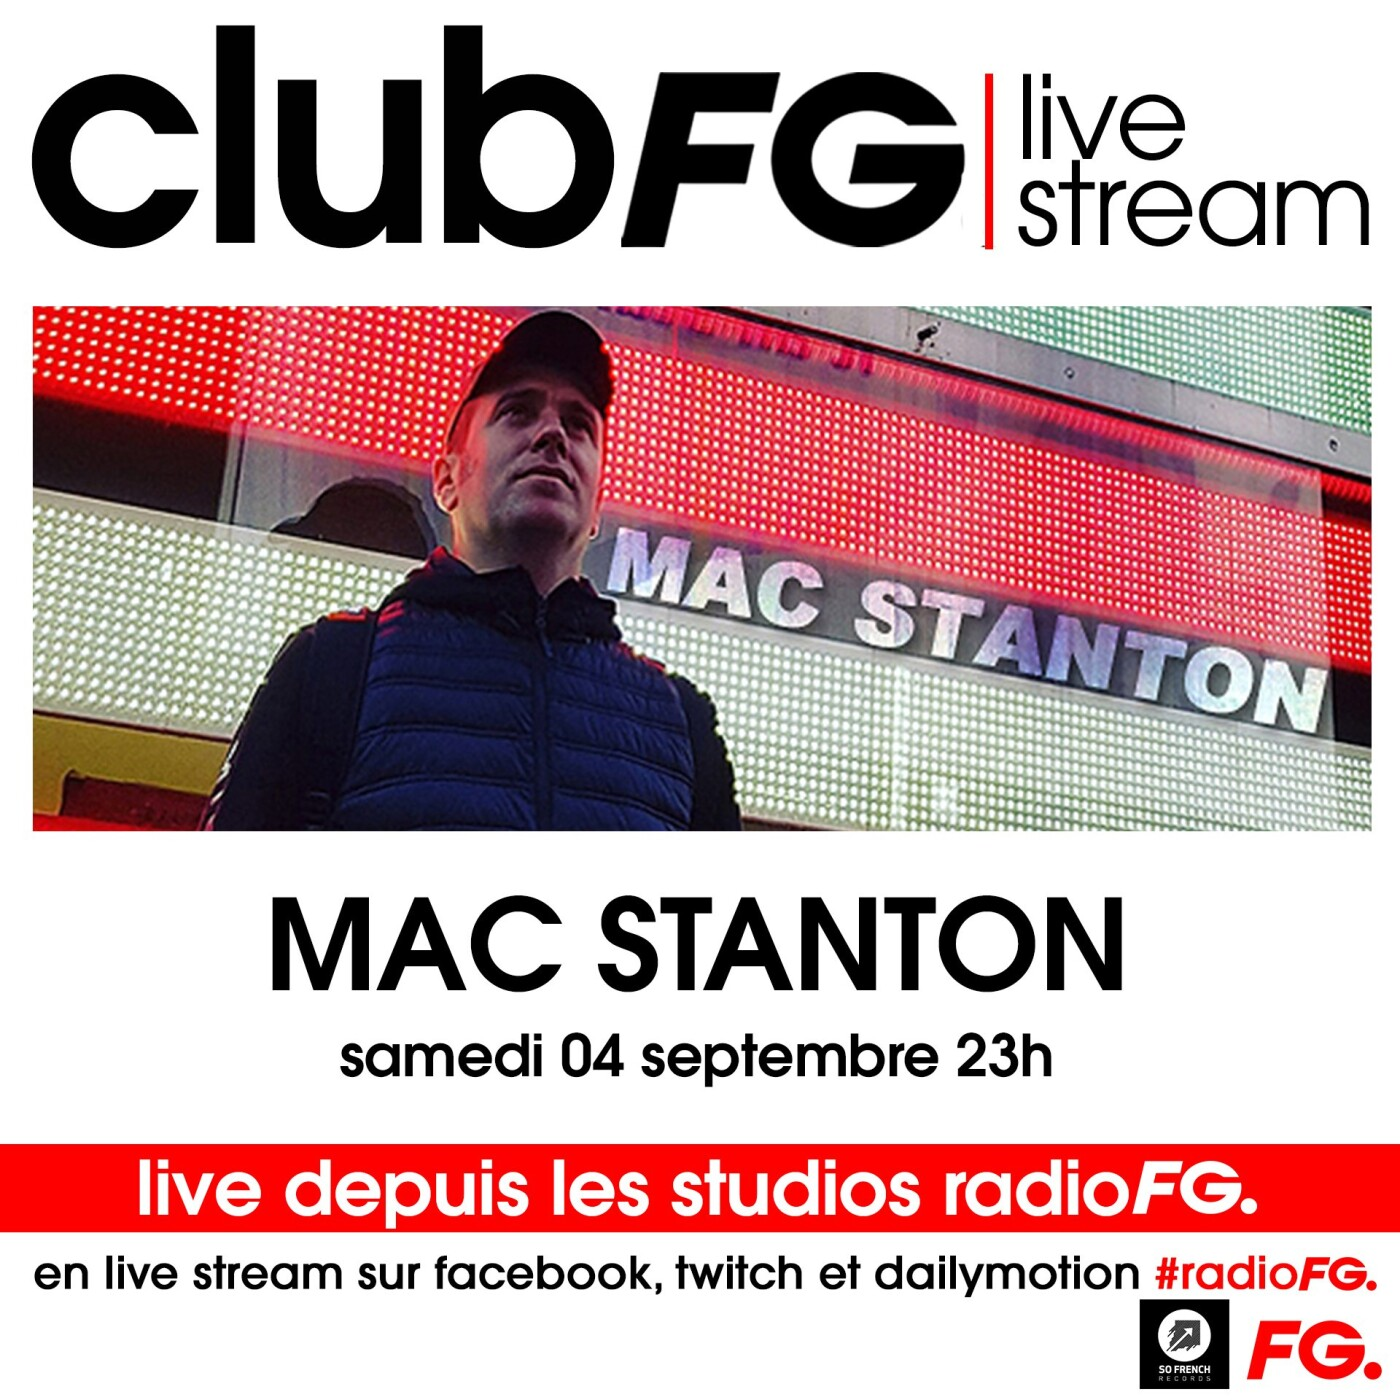 CLUB FG LIVE STREAM : MAC STANTON